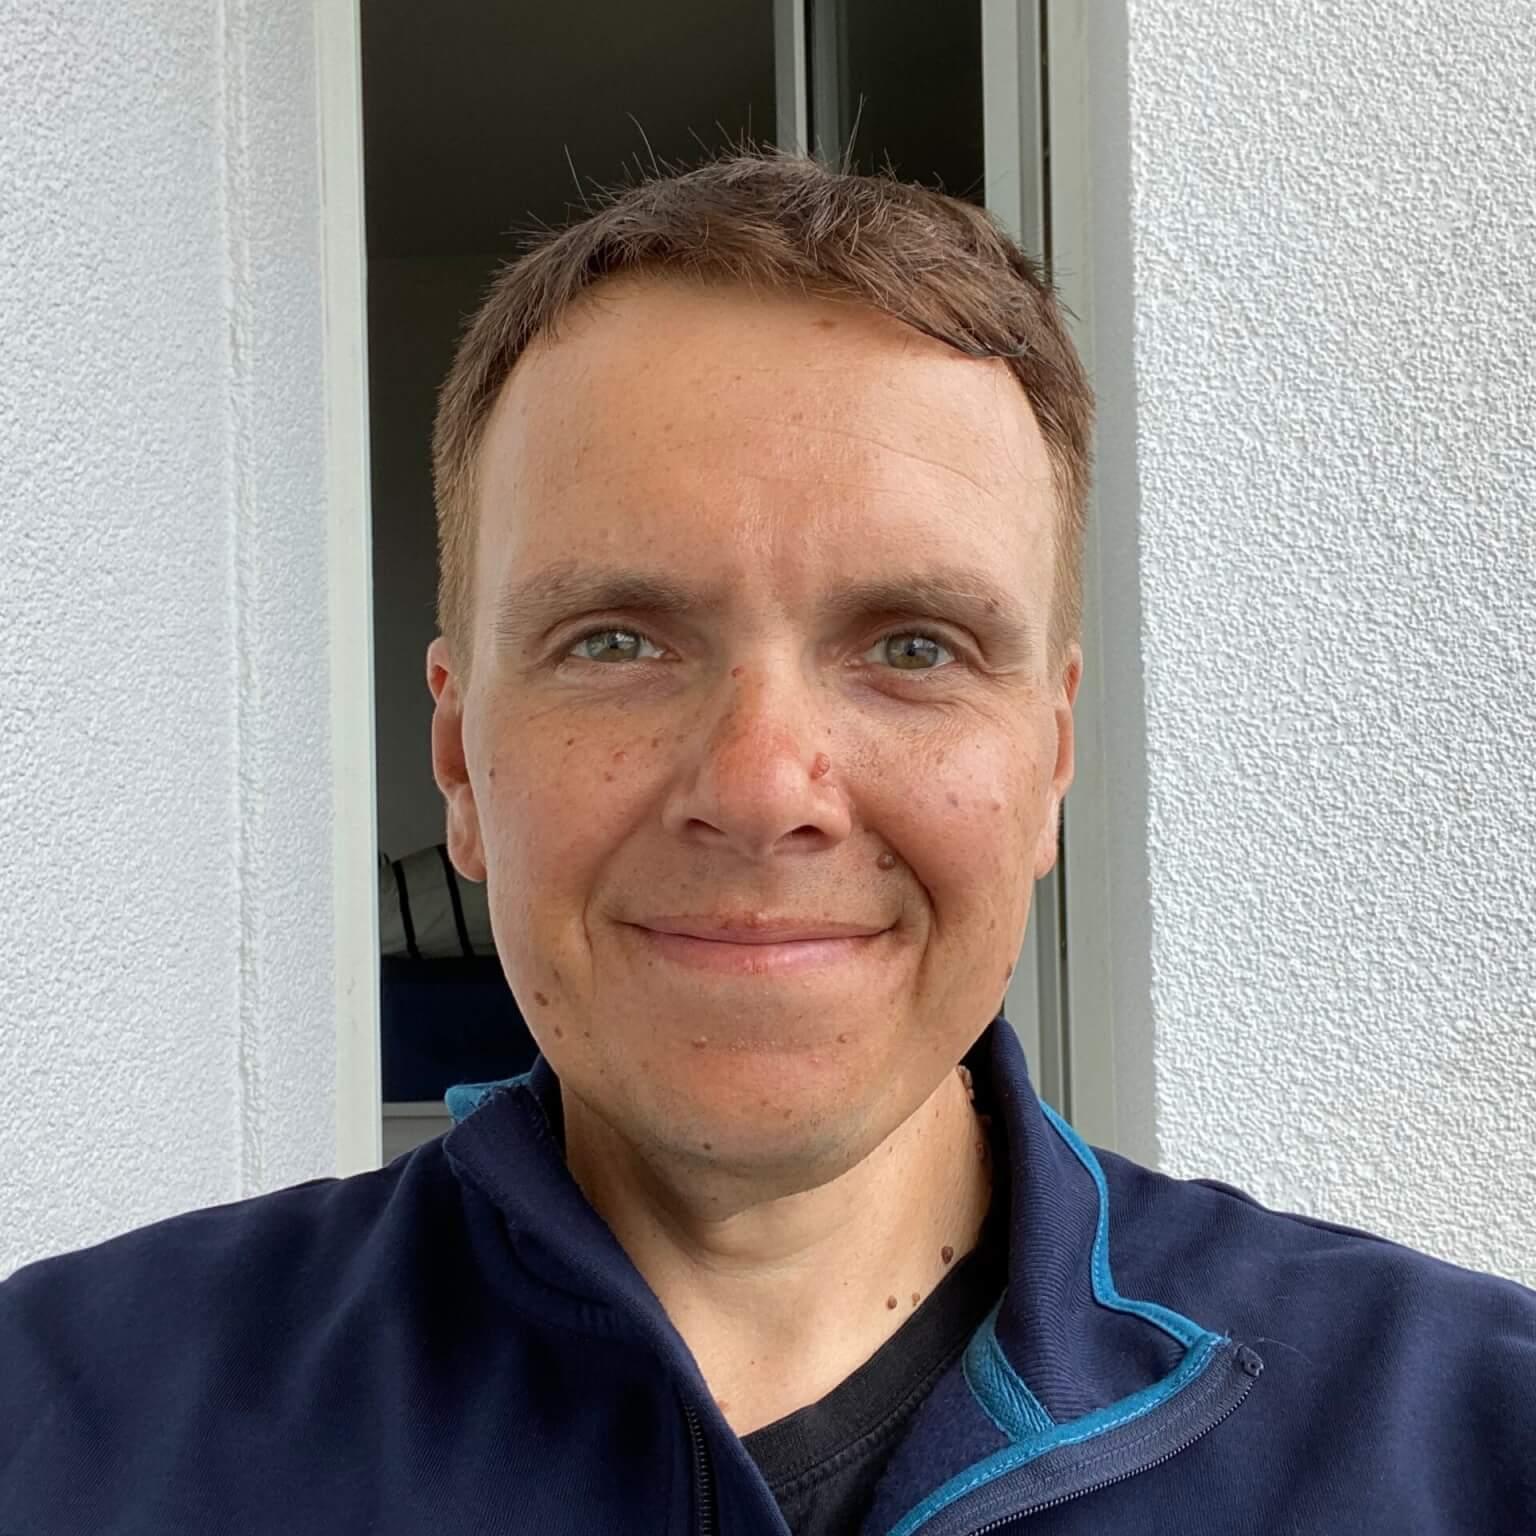 Stefan Christmann, Kassel